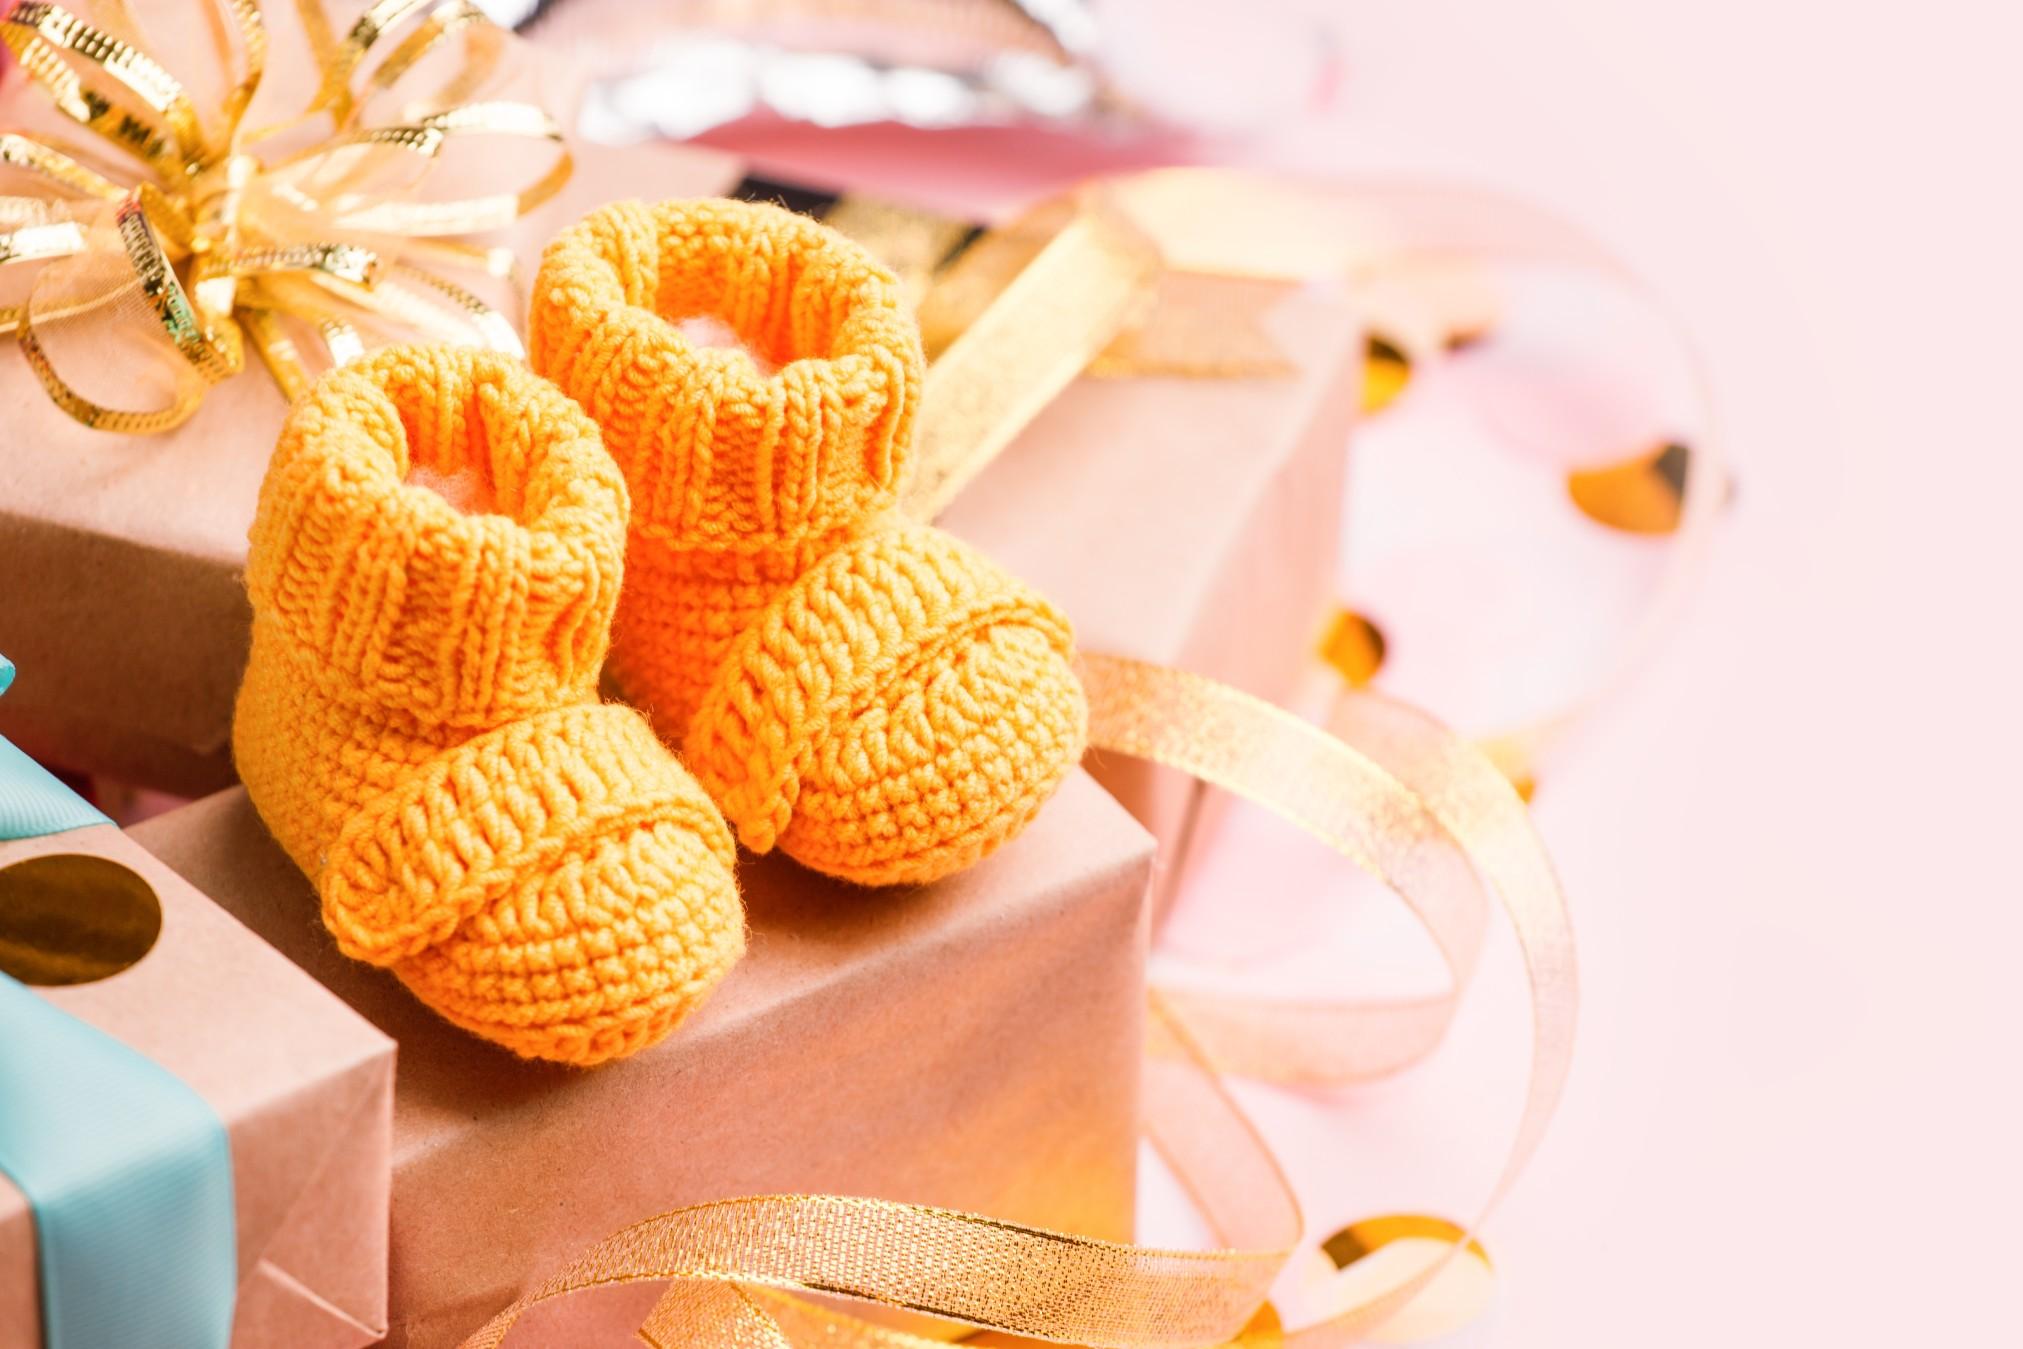 Quel cadeau offrir pour un baptème ?